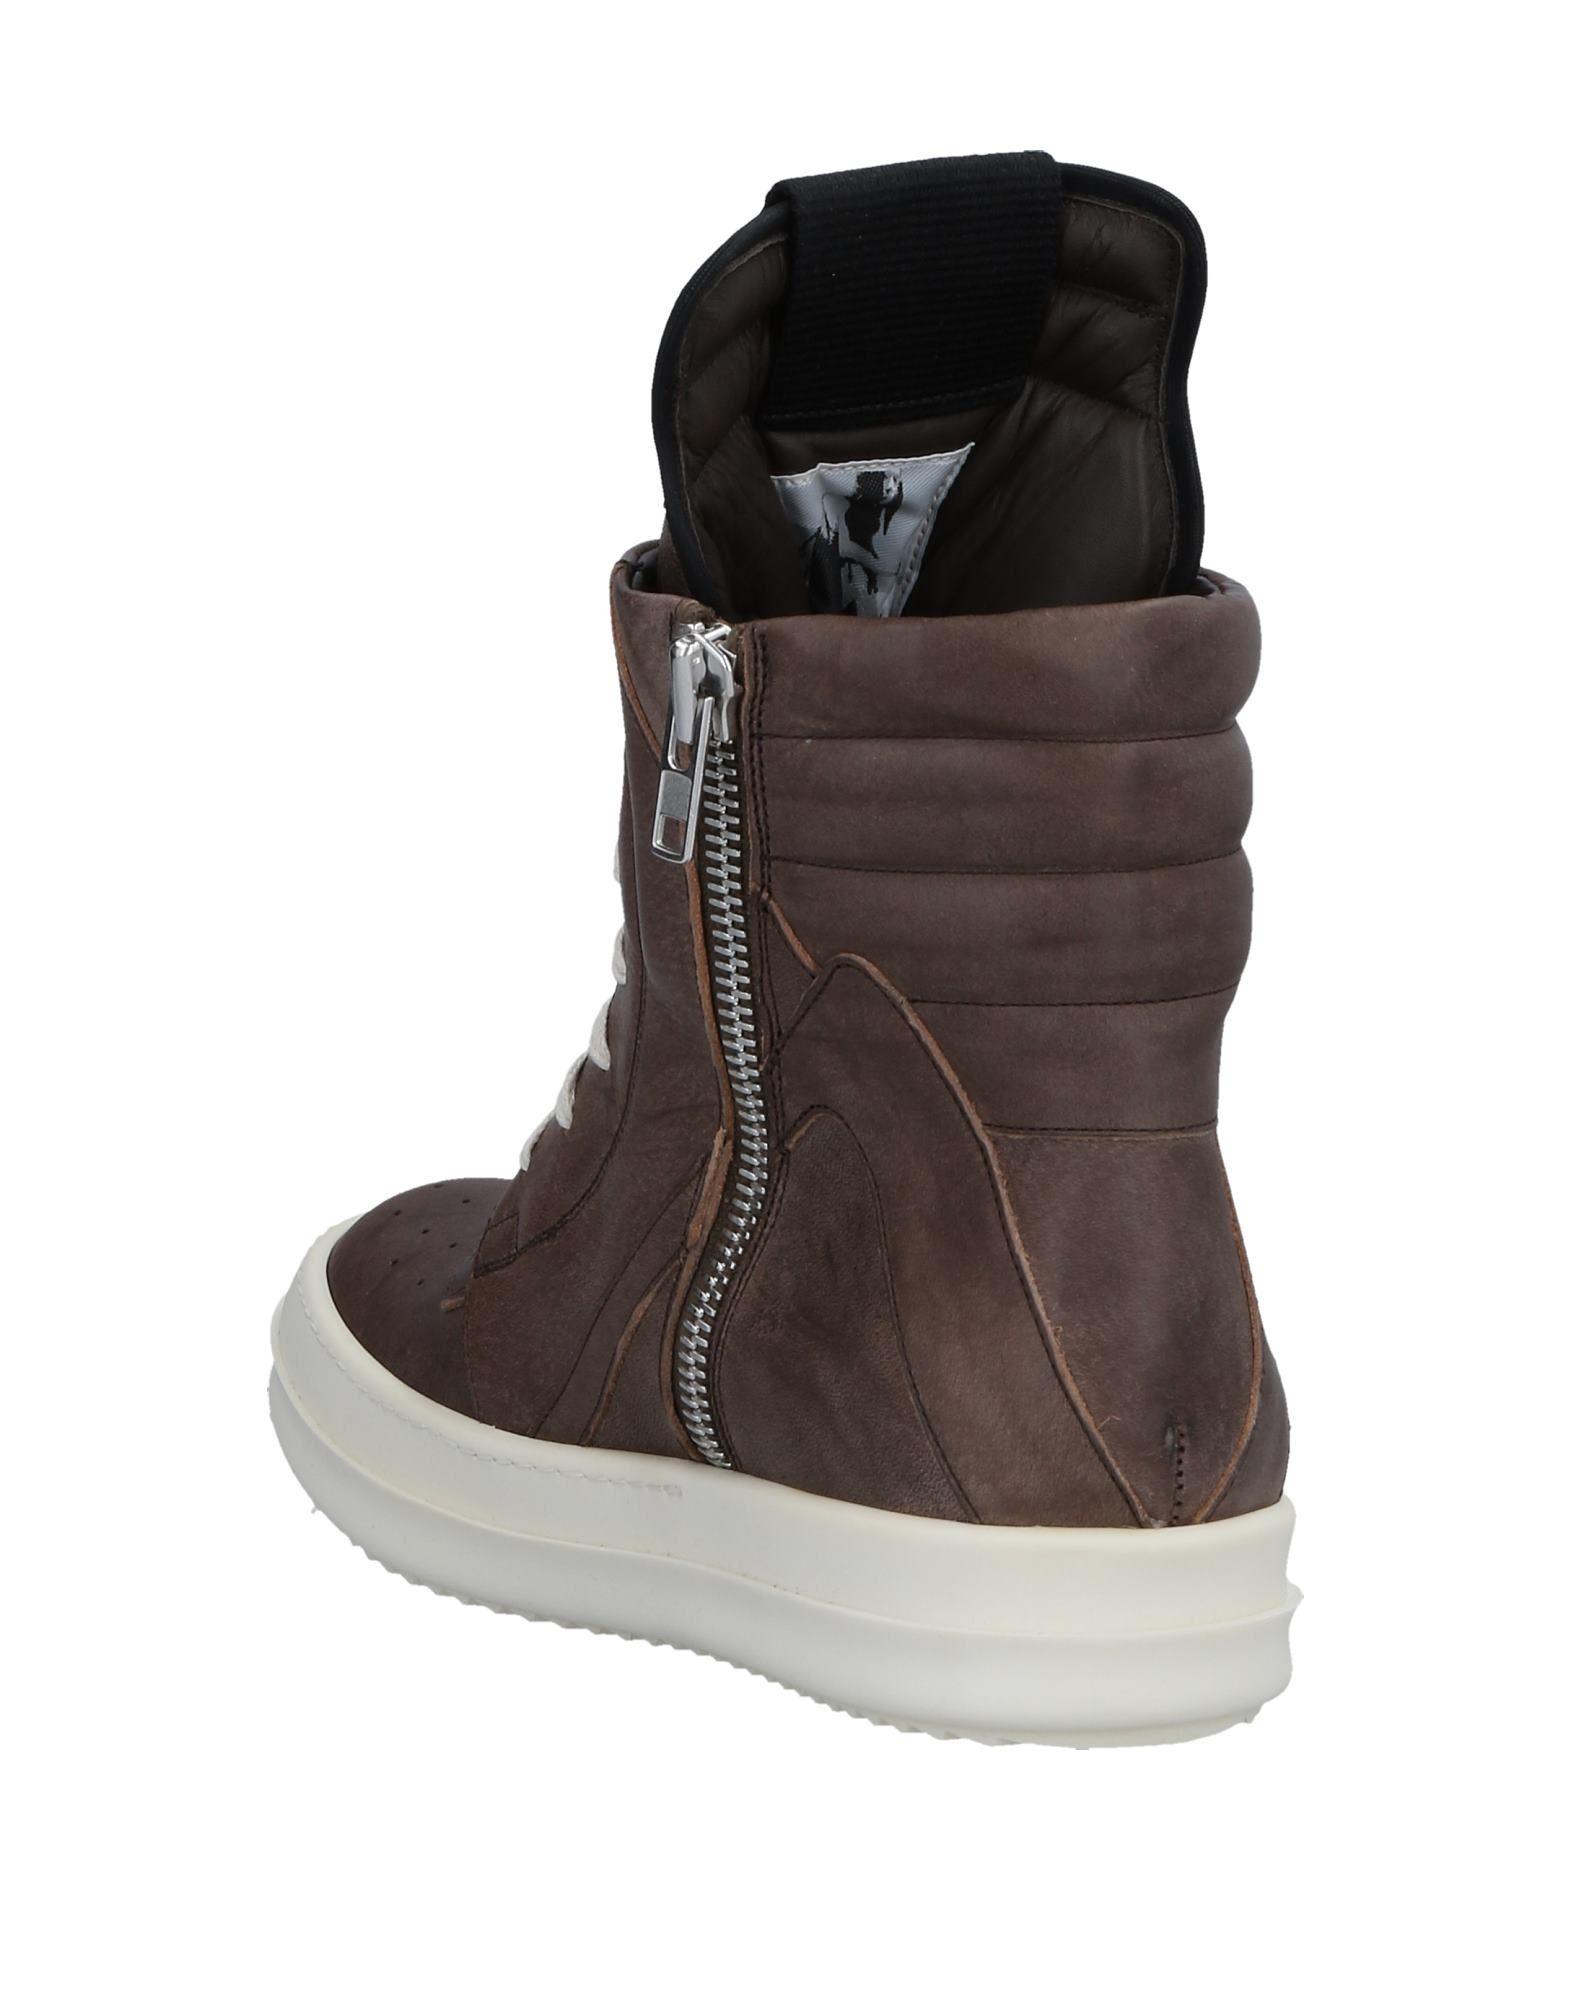 Rick Owens 11522854PPGünstige Turnschuhes Damen 11522854PPGünstige Owens gut aussehende Schuhe ac3002